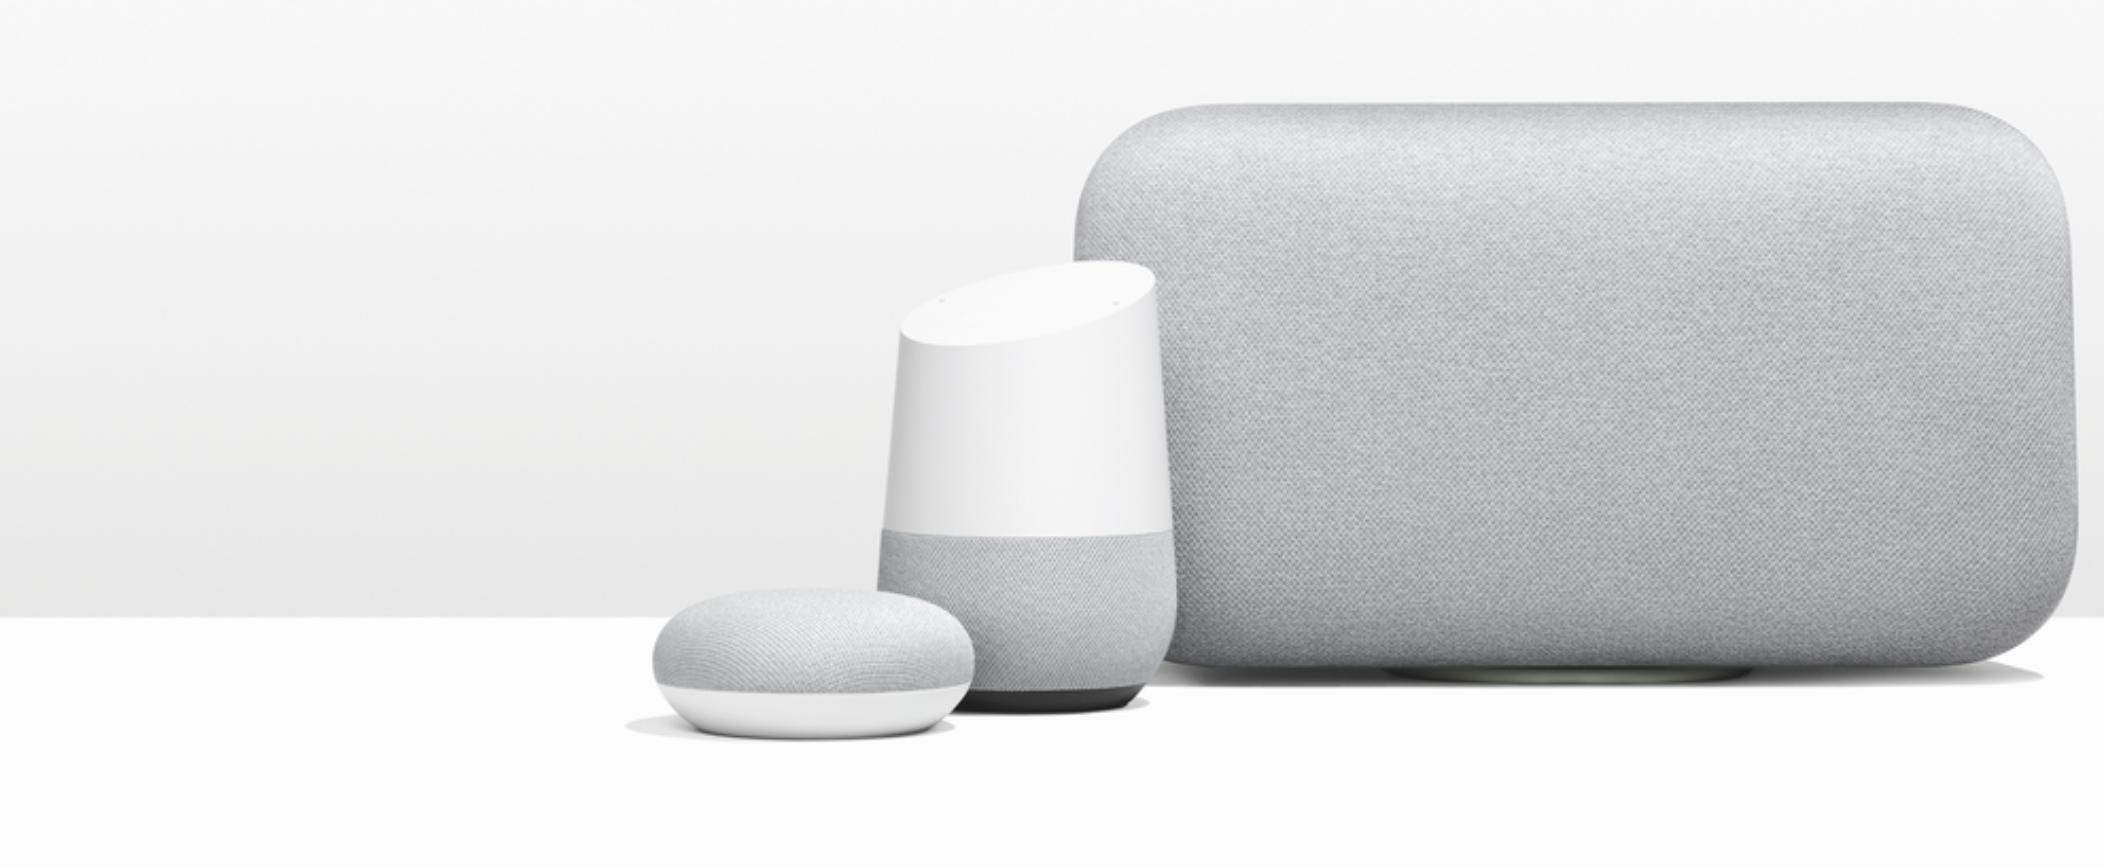 Google Home family of smart speakers